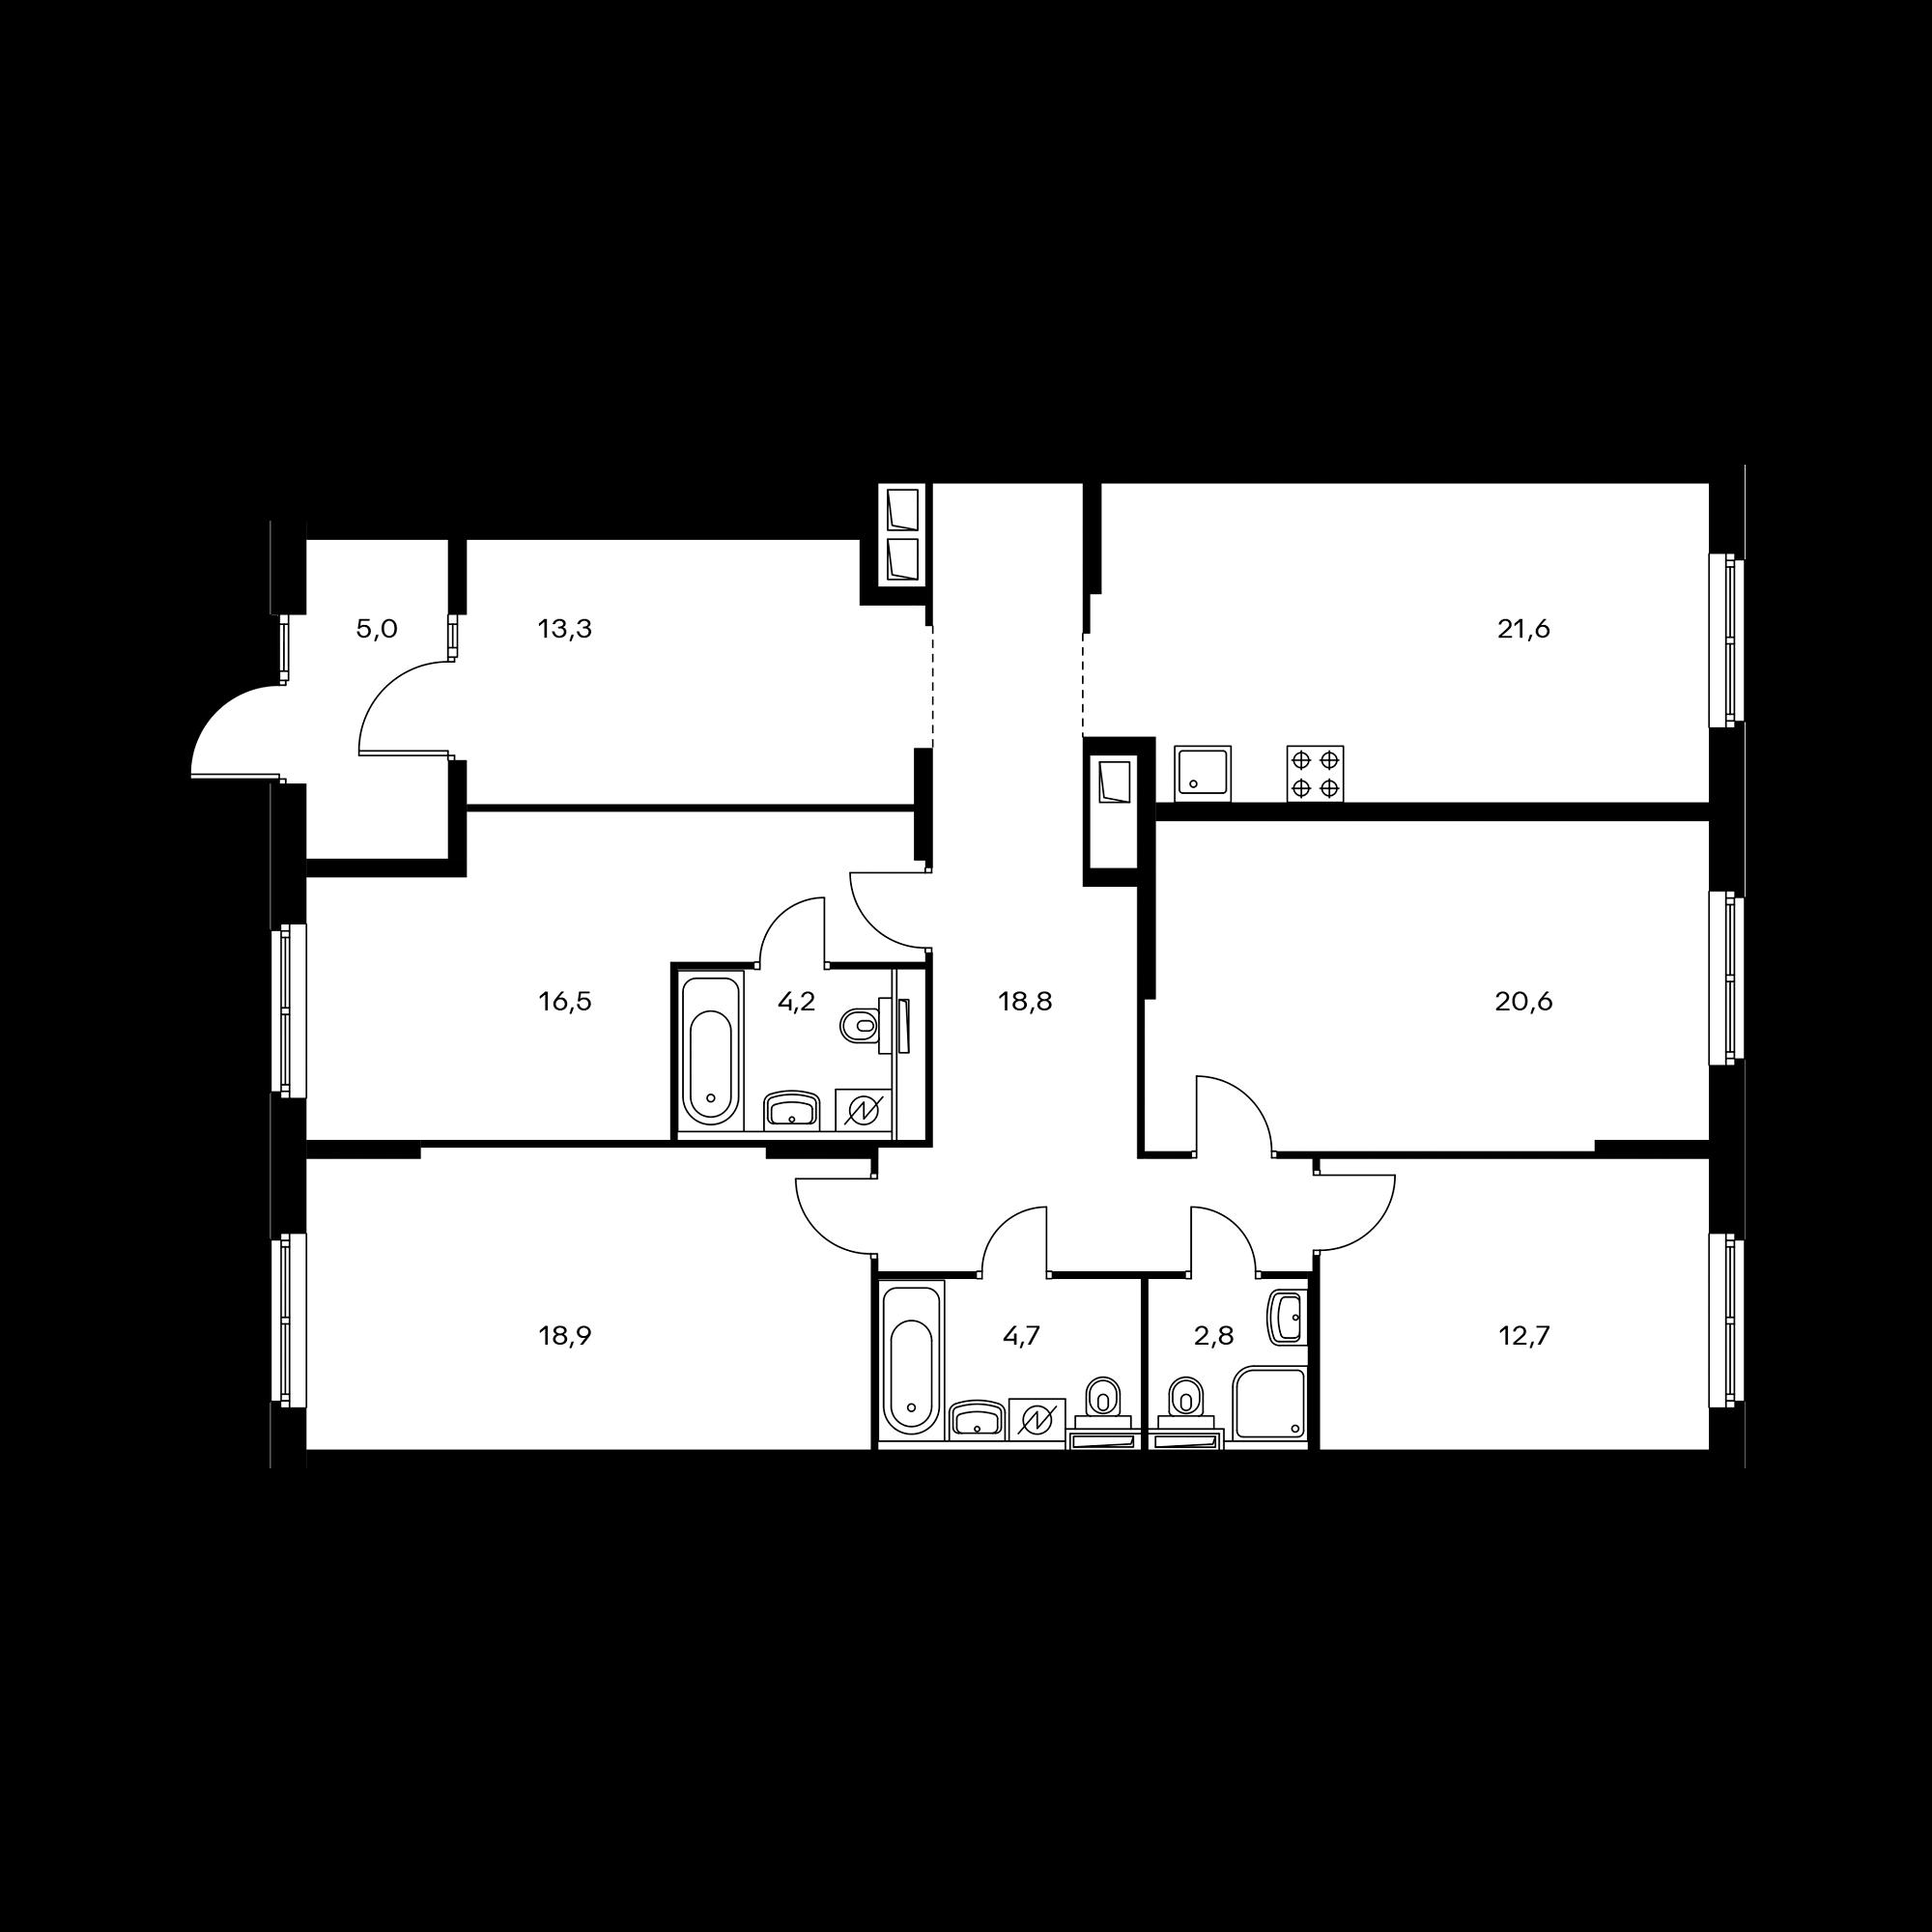 4КМ1*_10.5-1